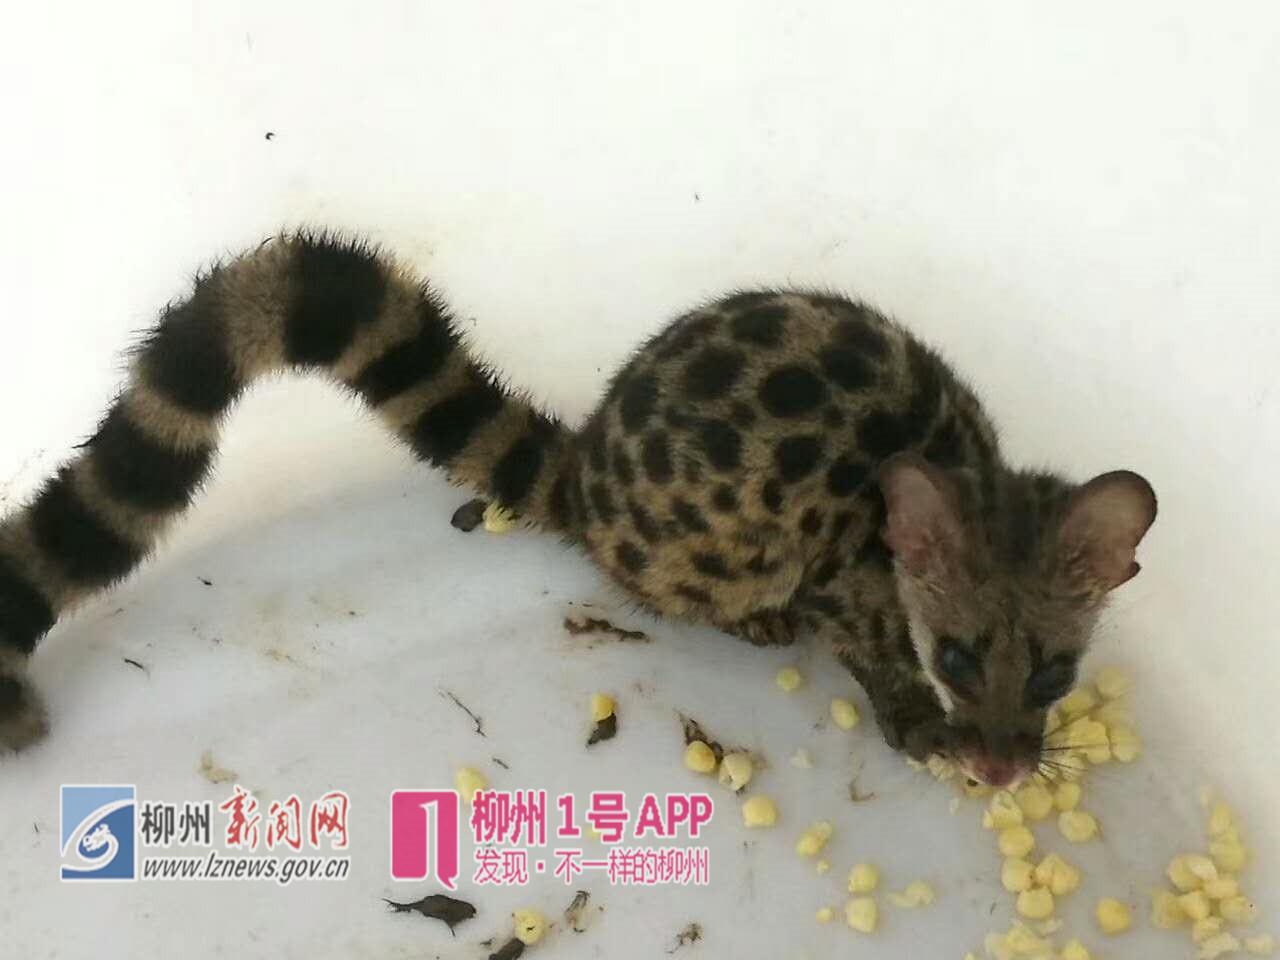 俗名点斑灵猫,彪,虎灵猫,点斑灵狸,刁猫.国家二级重点保护动物.